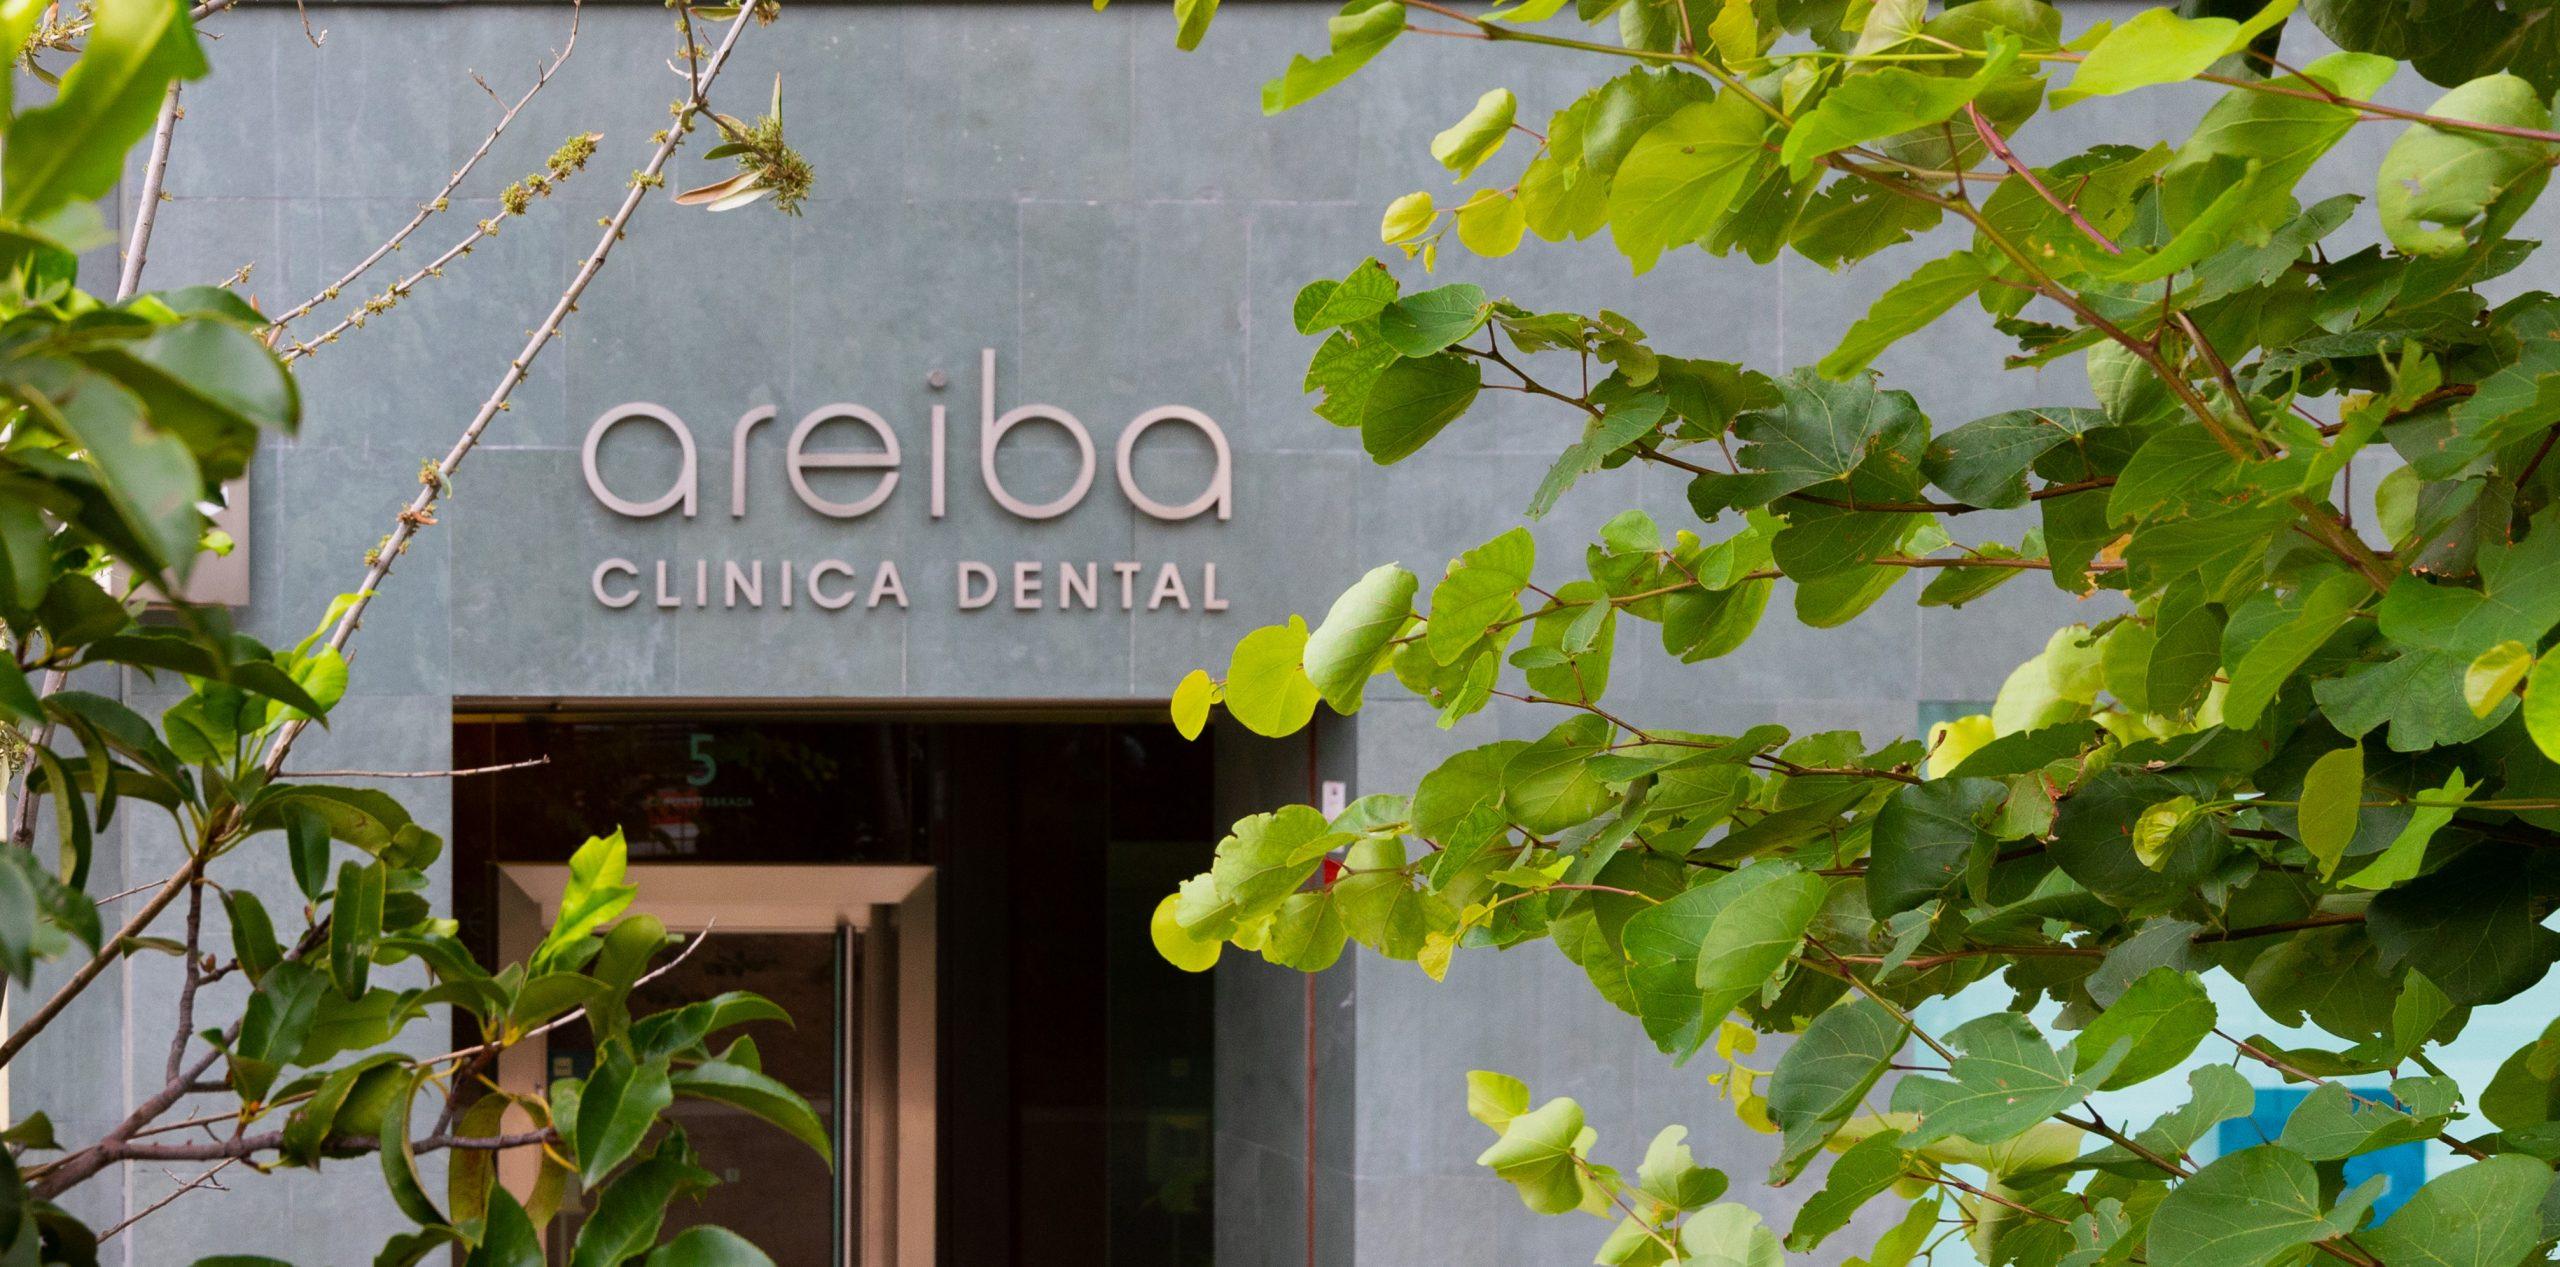 Fachada de la Clínica Dental Areiba